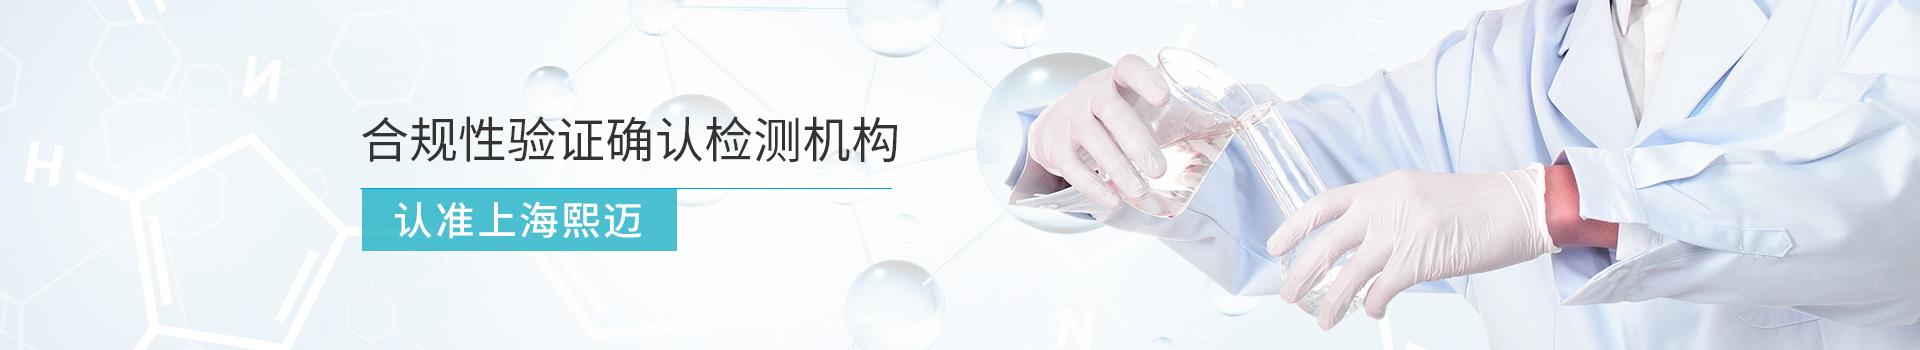 上海熙迈合规性验证确认检测机构